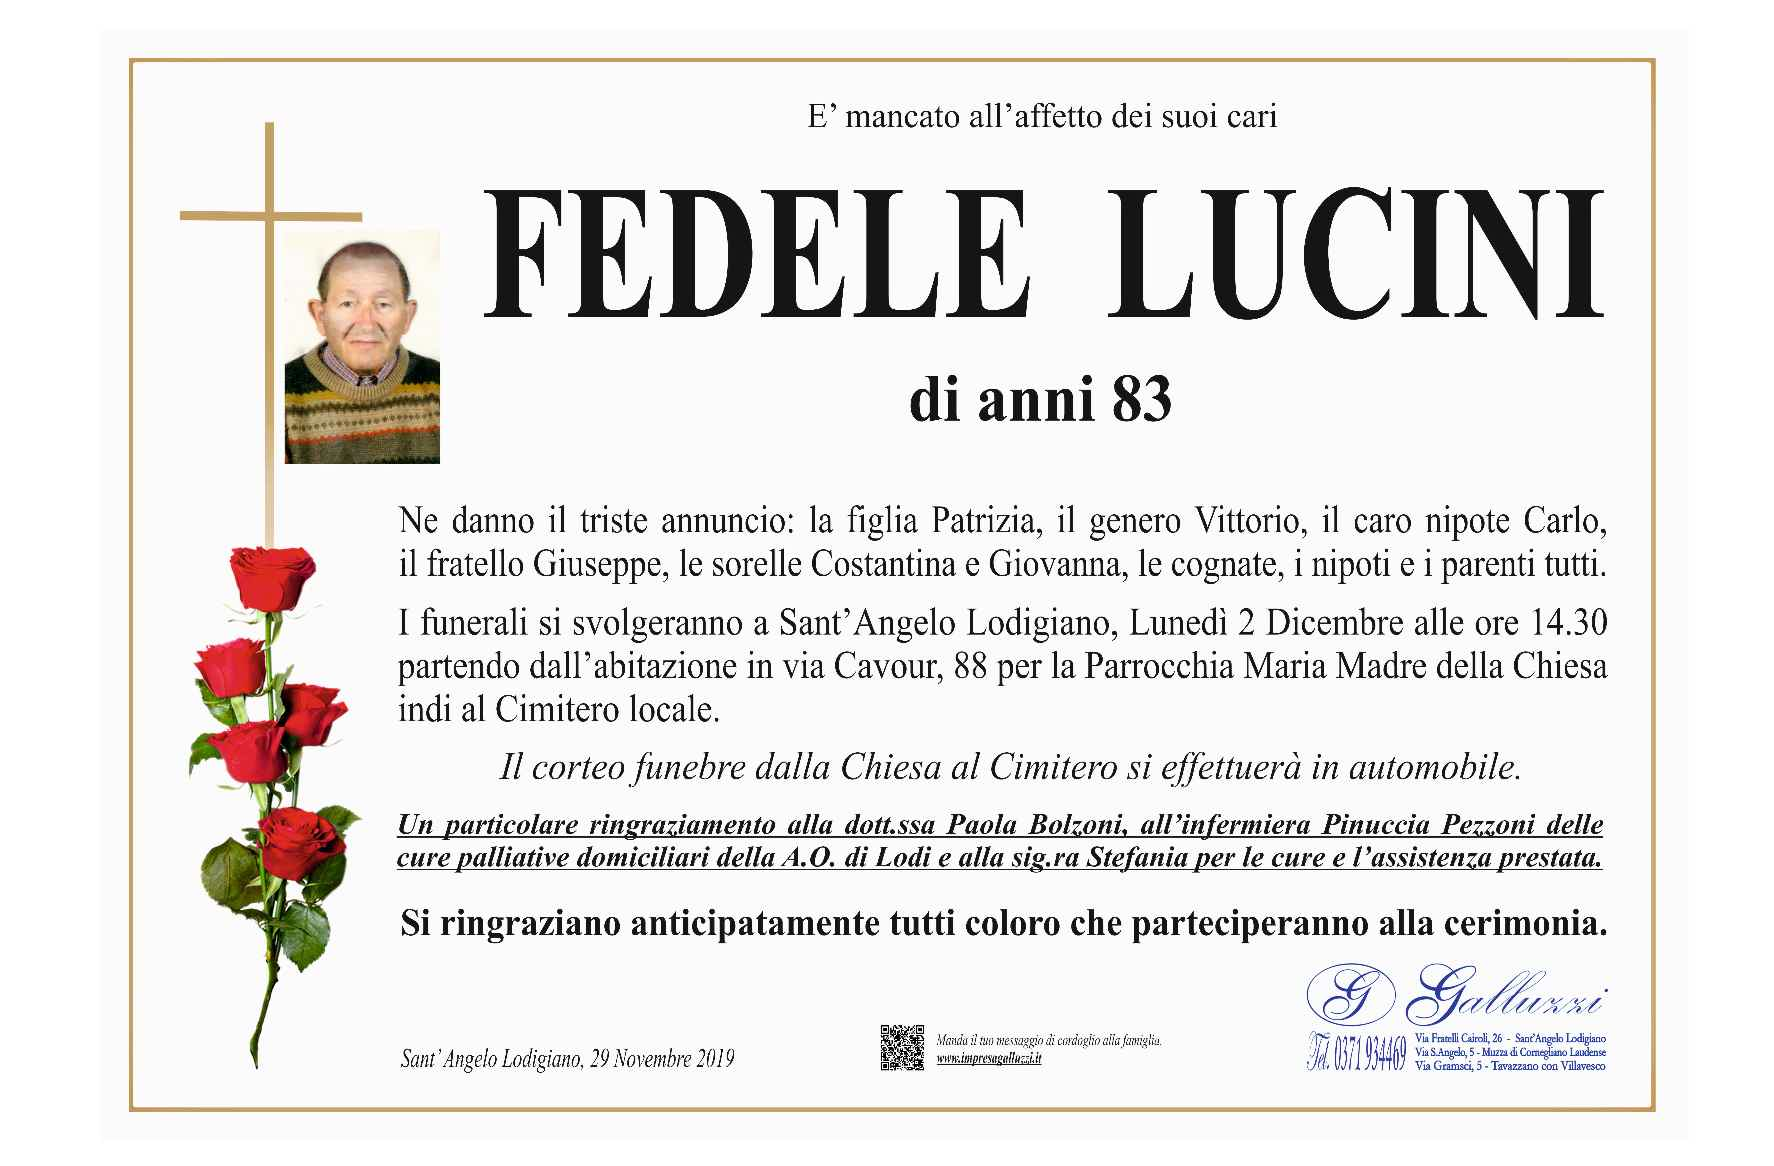 Fedele Lucini